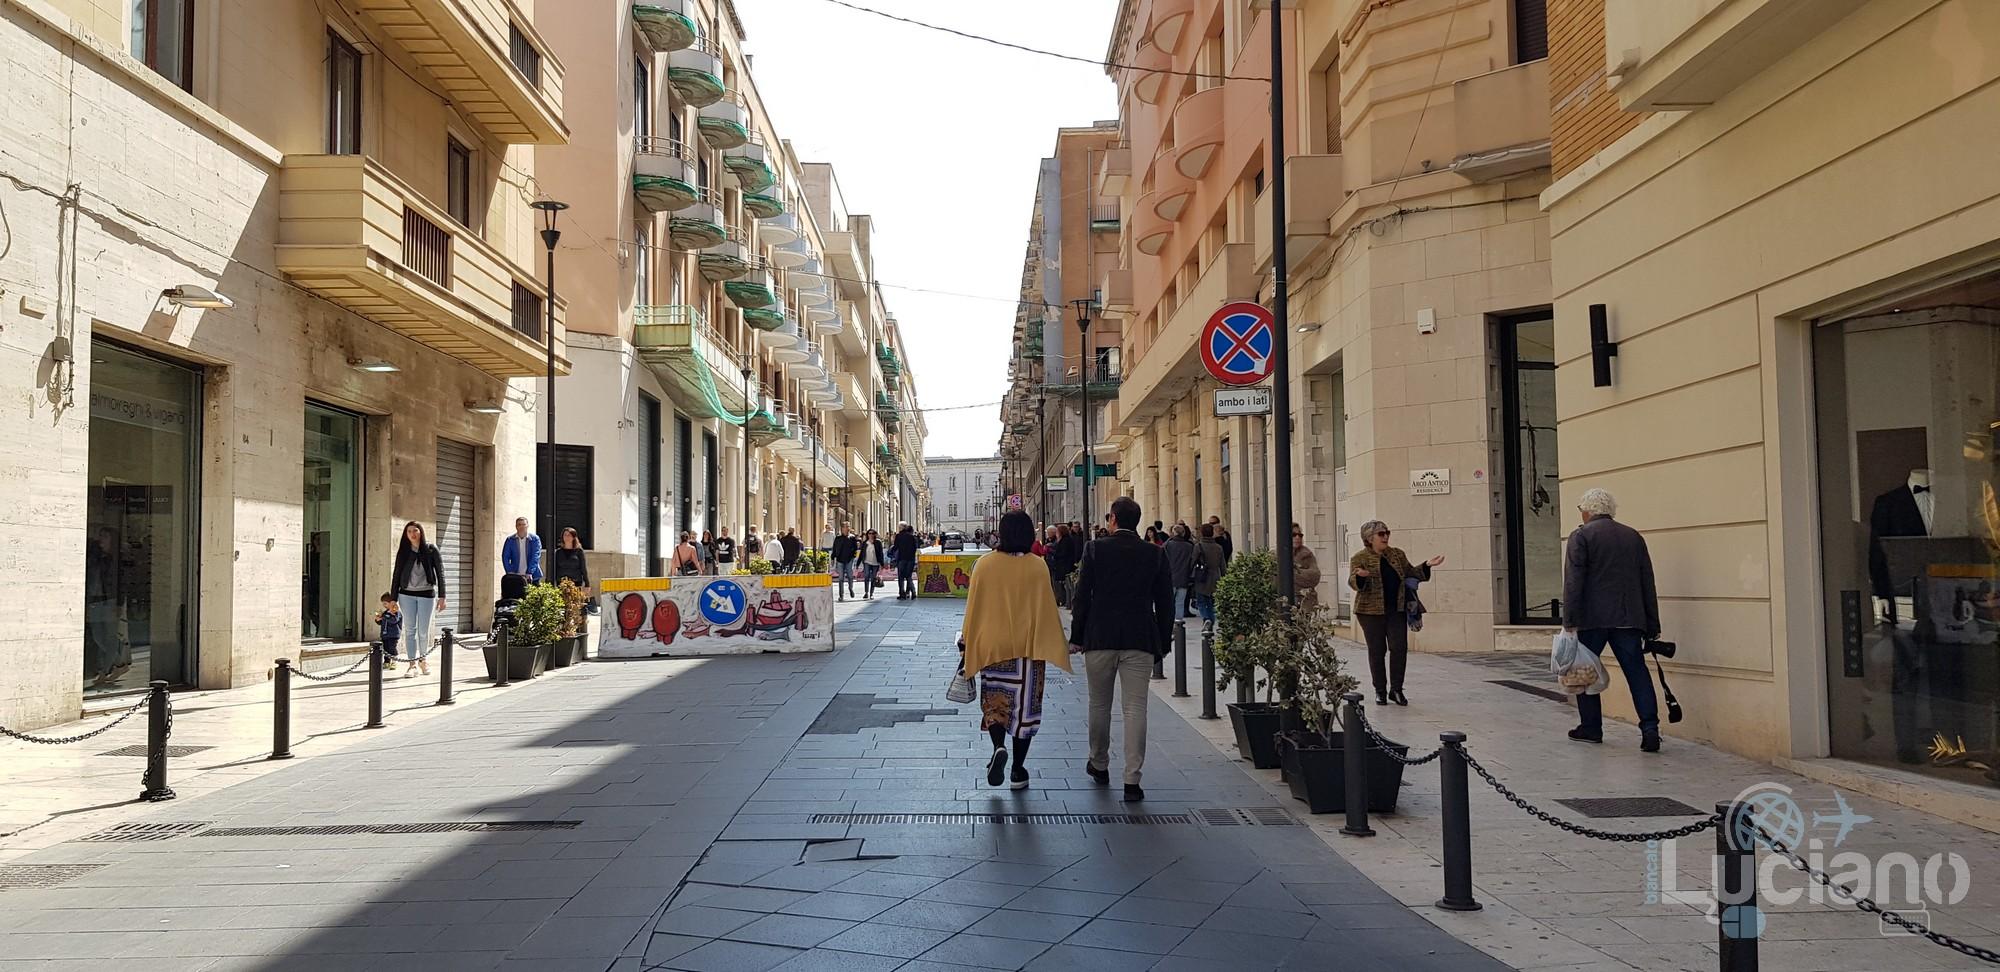 Siracusa - Corso Giacomo Matteotti